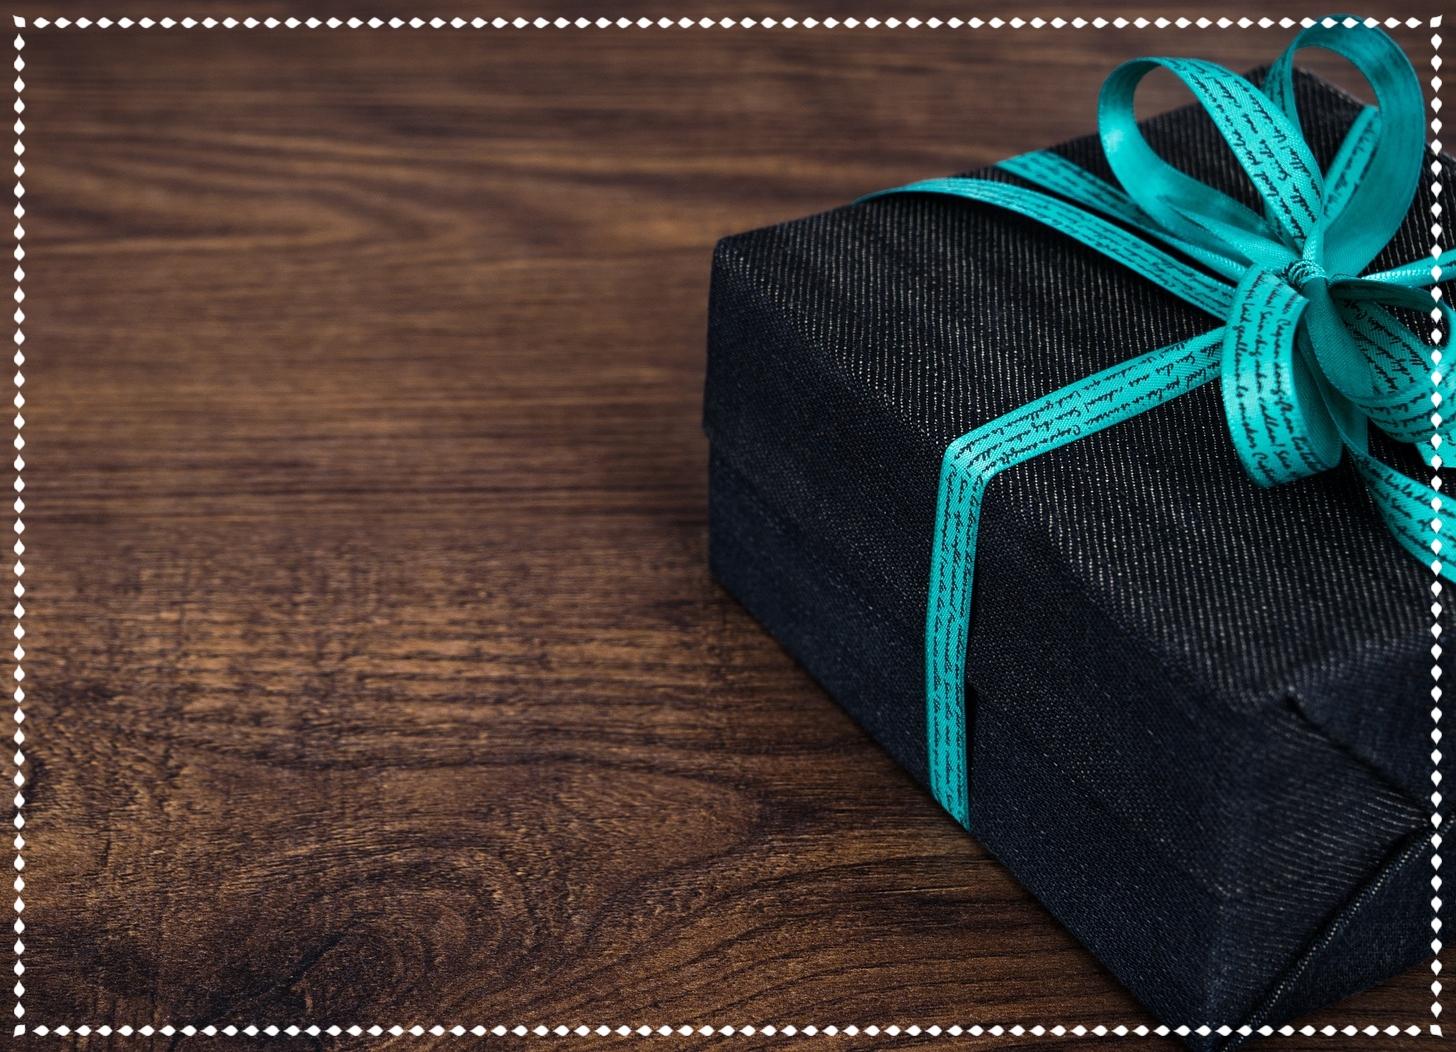 gift-1420830_1920.jpg